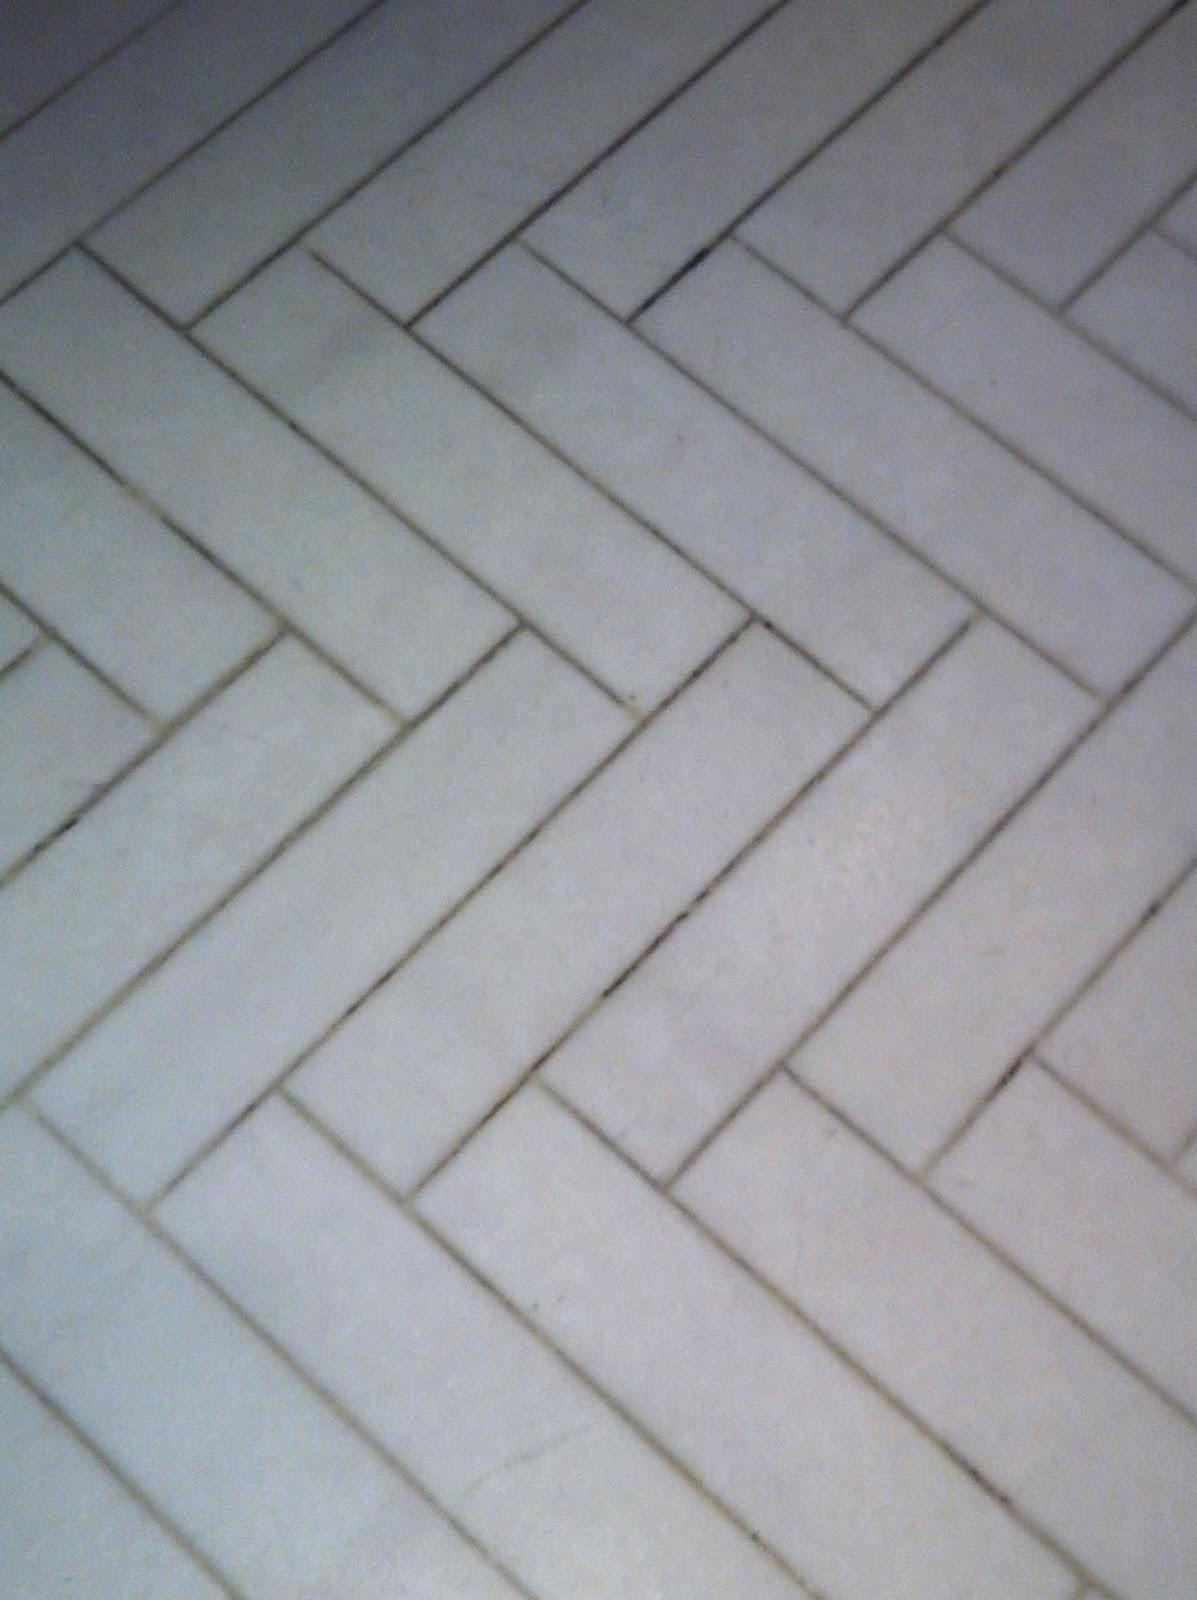 History Of Herringbone Marble Floor Tile In Pattern